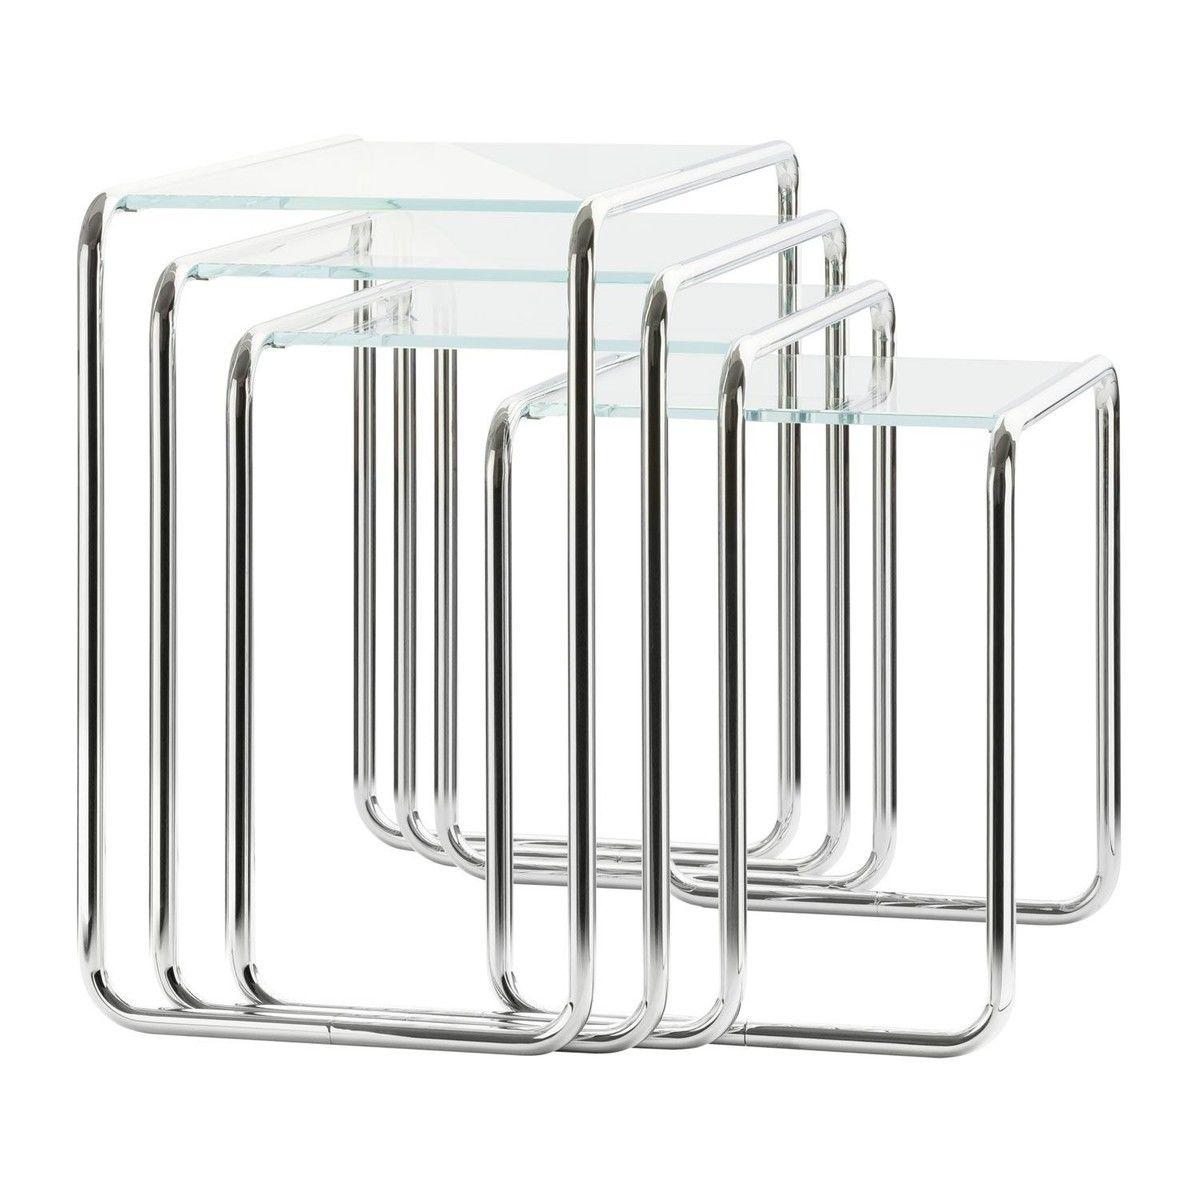 Thonet B9 Beistelltisch Glas  Thonet  AmbienteDirect.com